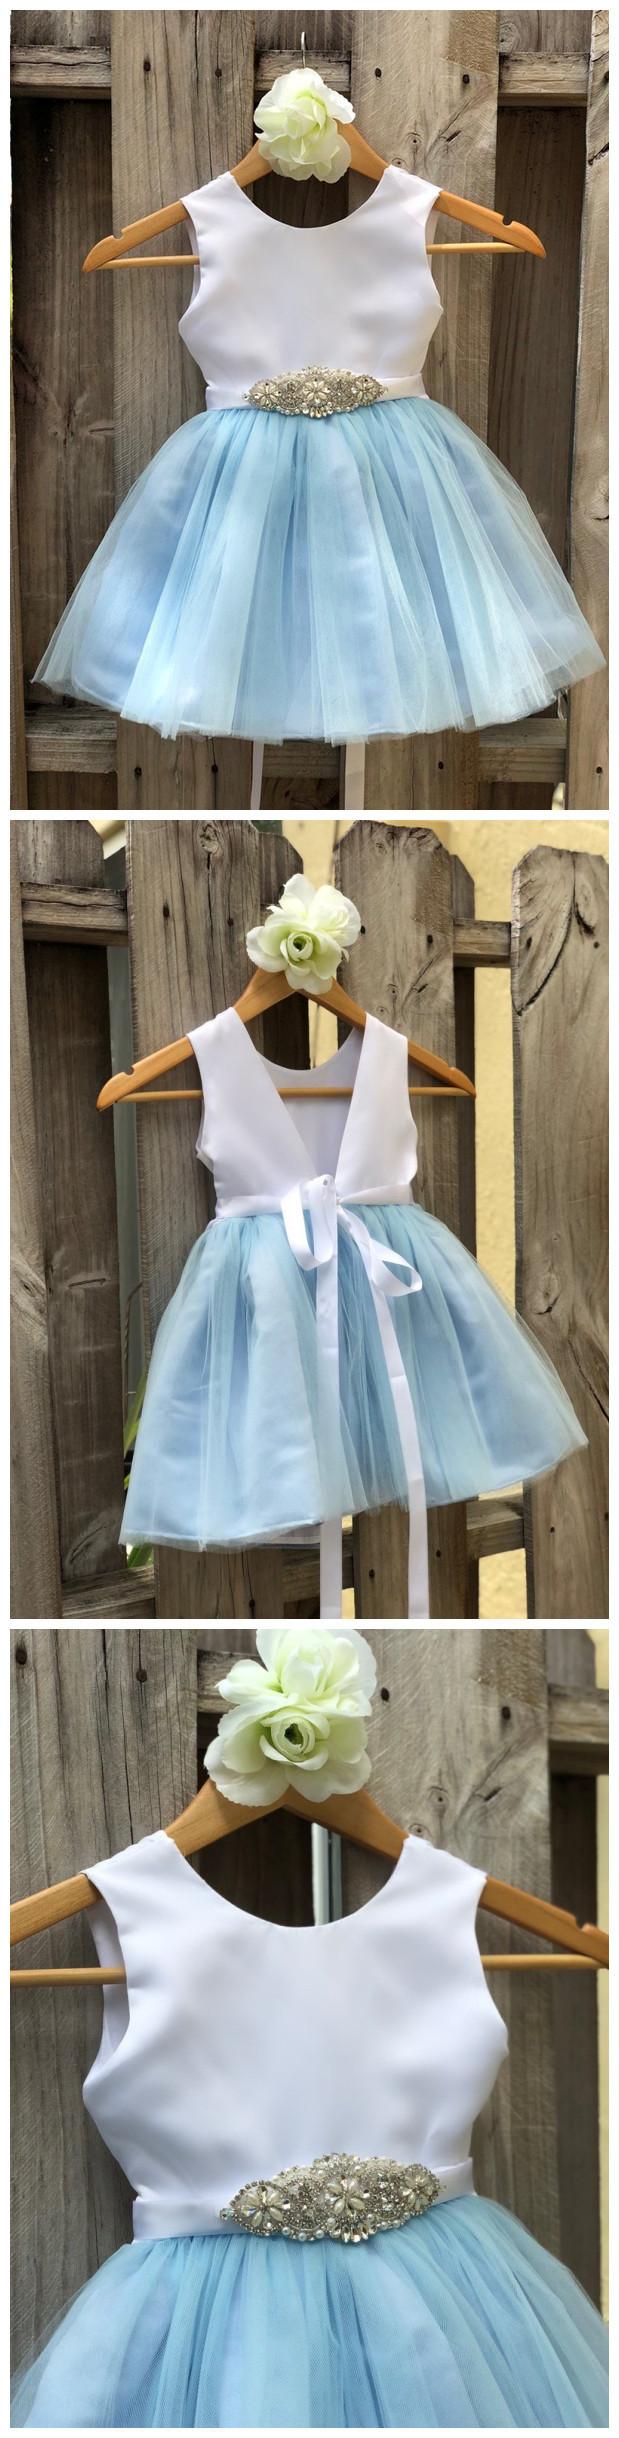 Dusty Blue Flower Girl Dress Rhinestone Flower Sash Elegant Satin Tulle Flower